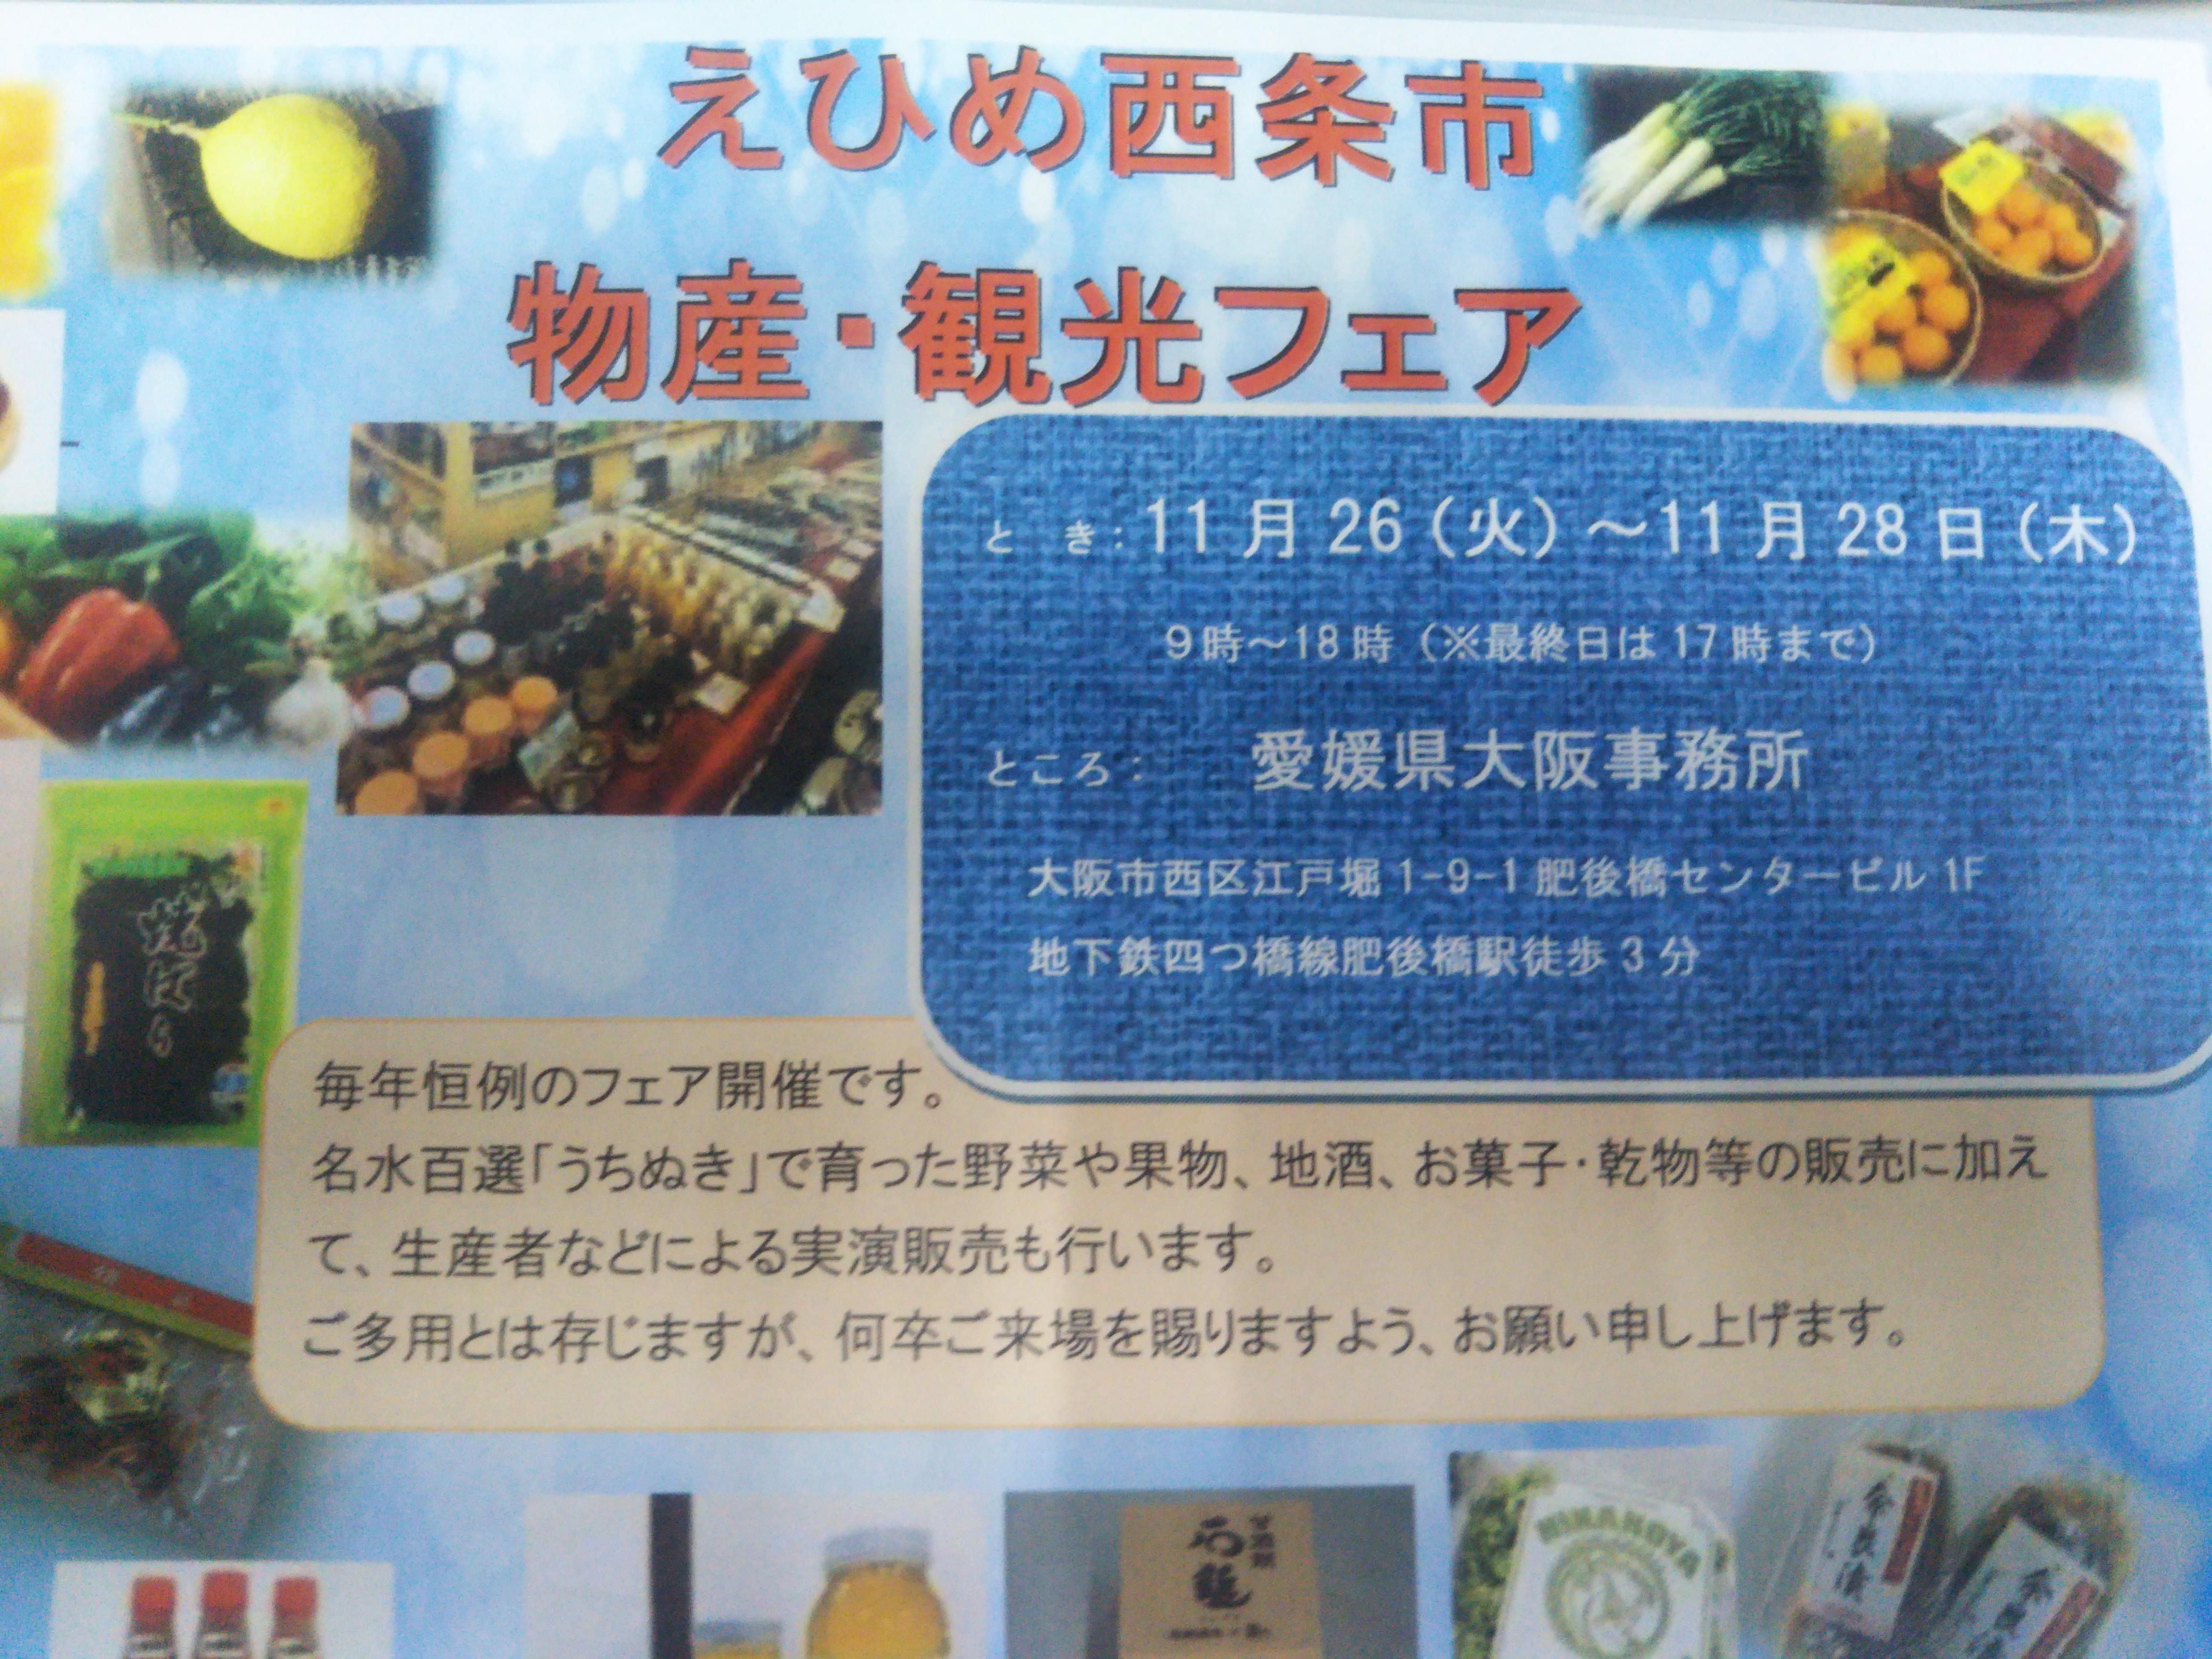 えひめ西条 物産・観光フェア in 愛媛県大阪事務所 開催!